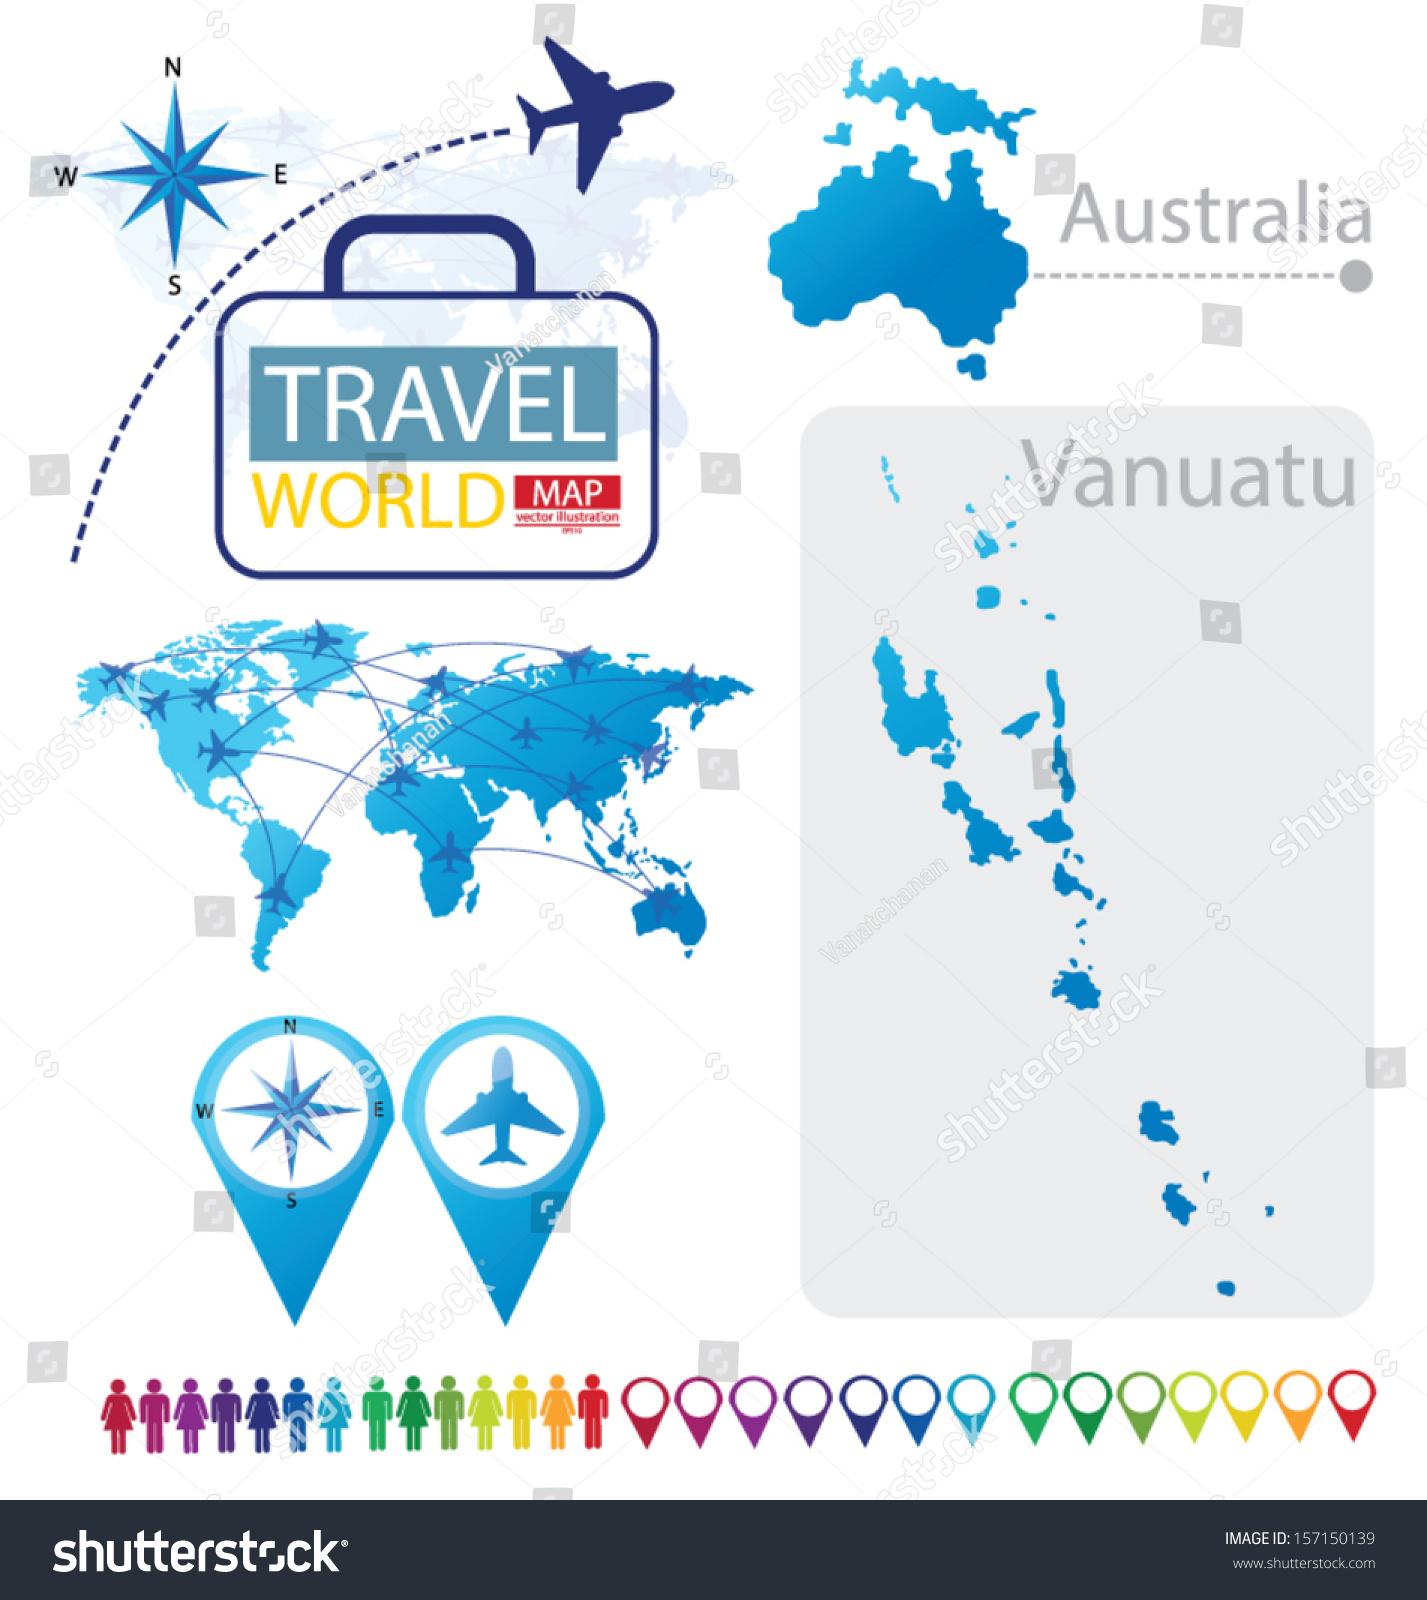 Republic vanuatu australia world map travel vectores en stock republic of vanuatu australia world map travel vector illustration gumiabroncs Image collections